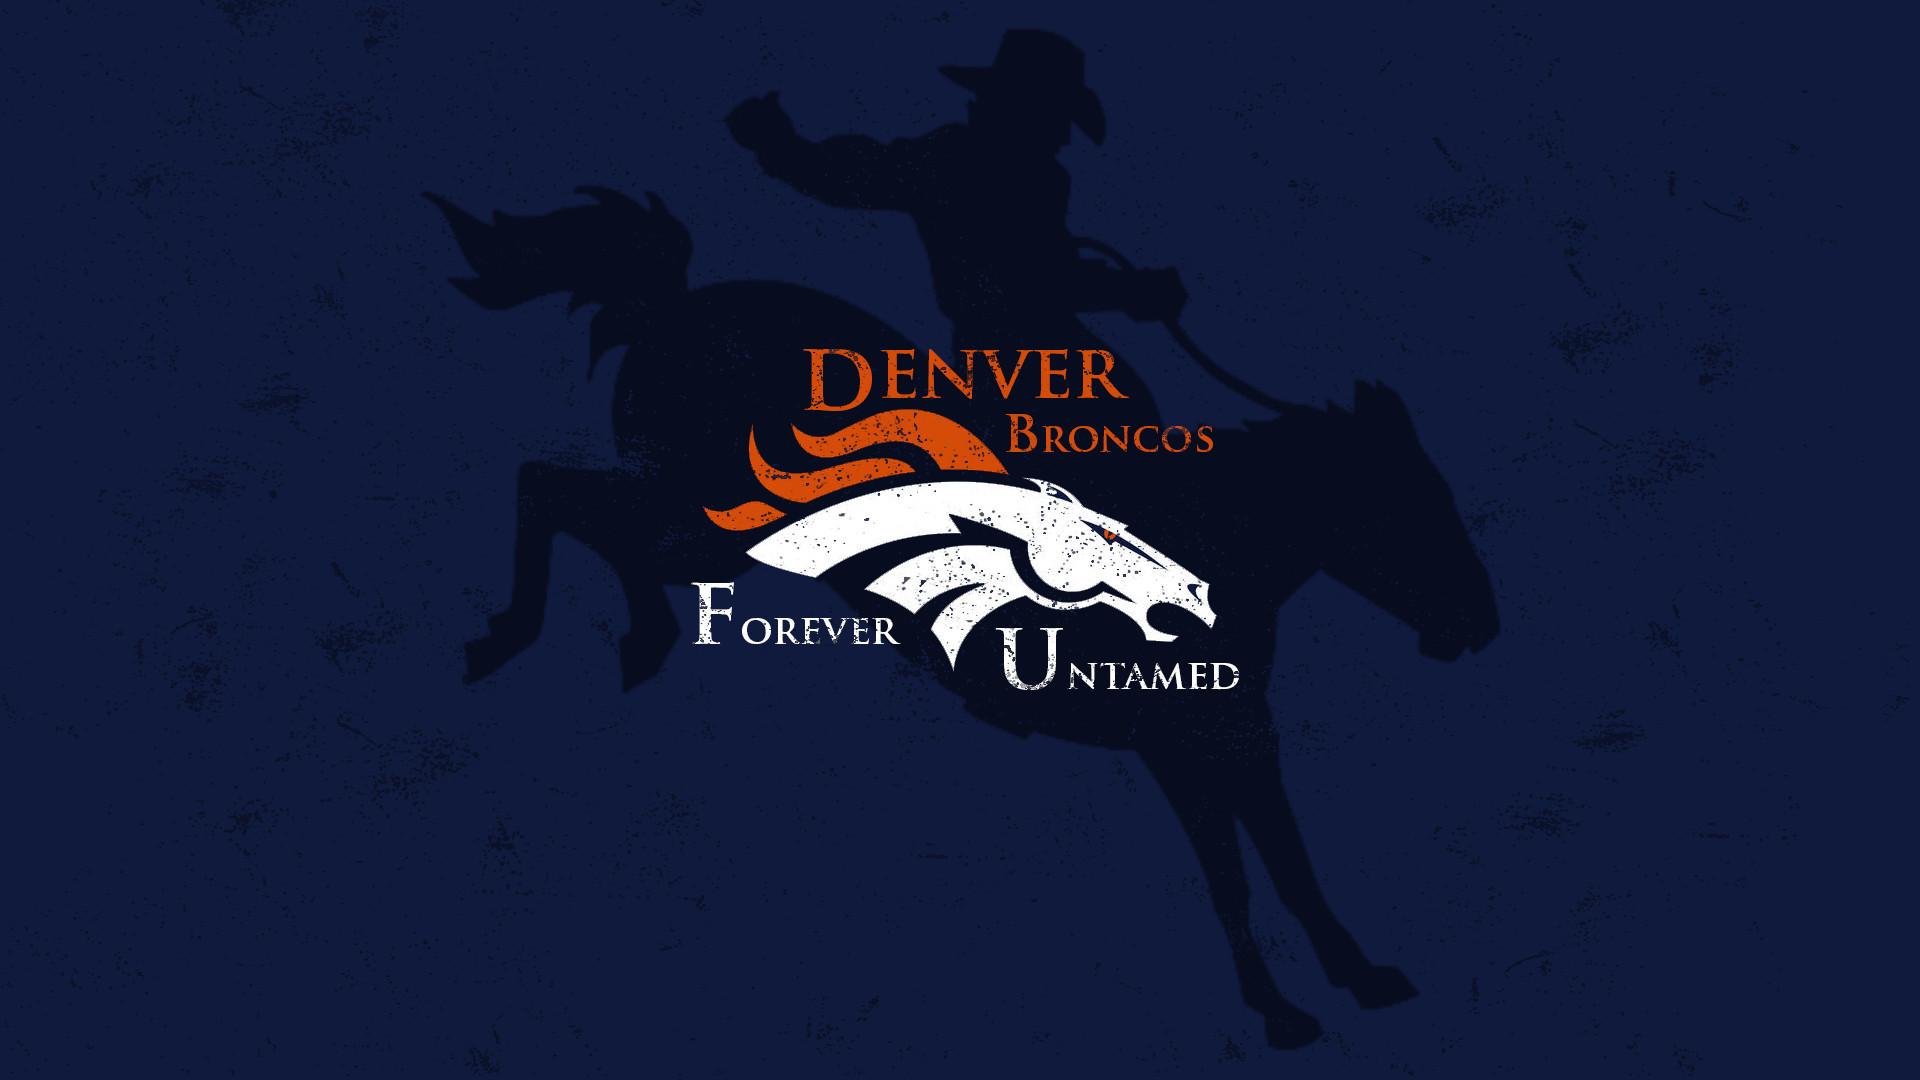 Res: 1920x1080, Denver Broncos Cover wallpaper 1434504